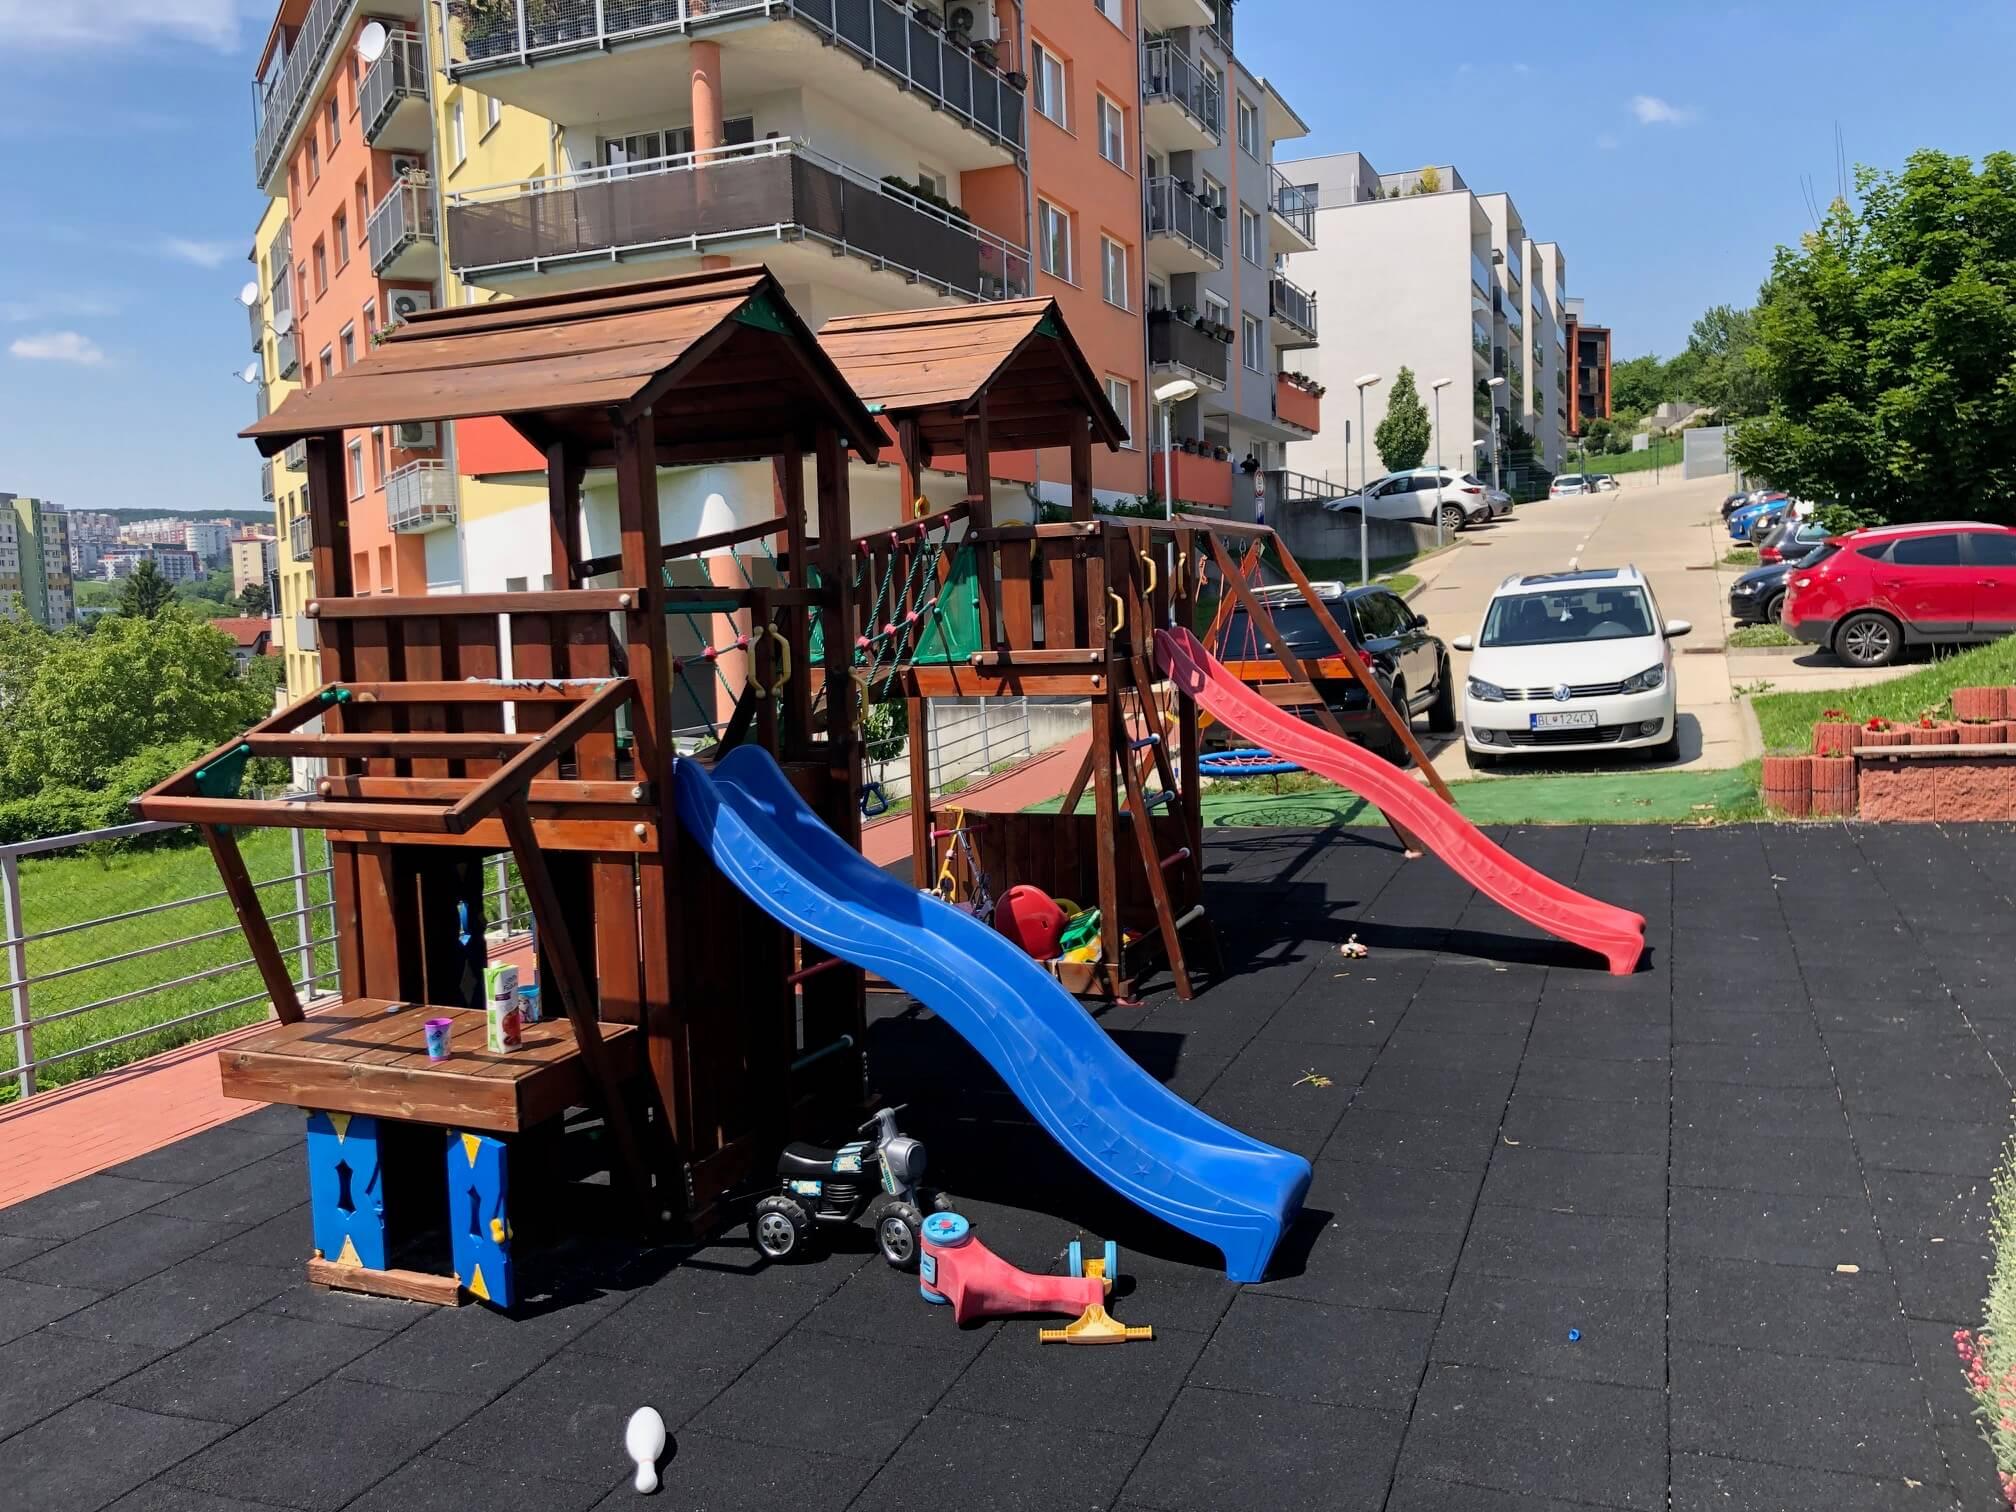 Predané: 3 izbový byt, novostavba, 72,25m2, loggia 4,82m2, Staré Grunty, Karlovka, garážové státie-54